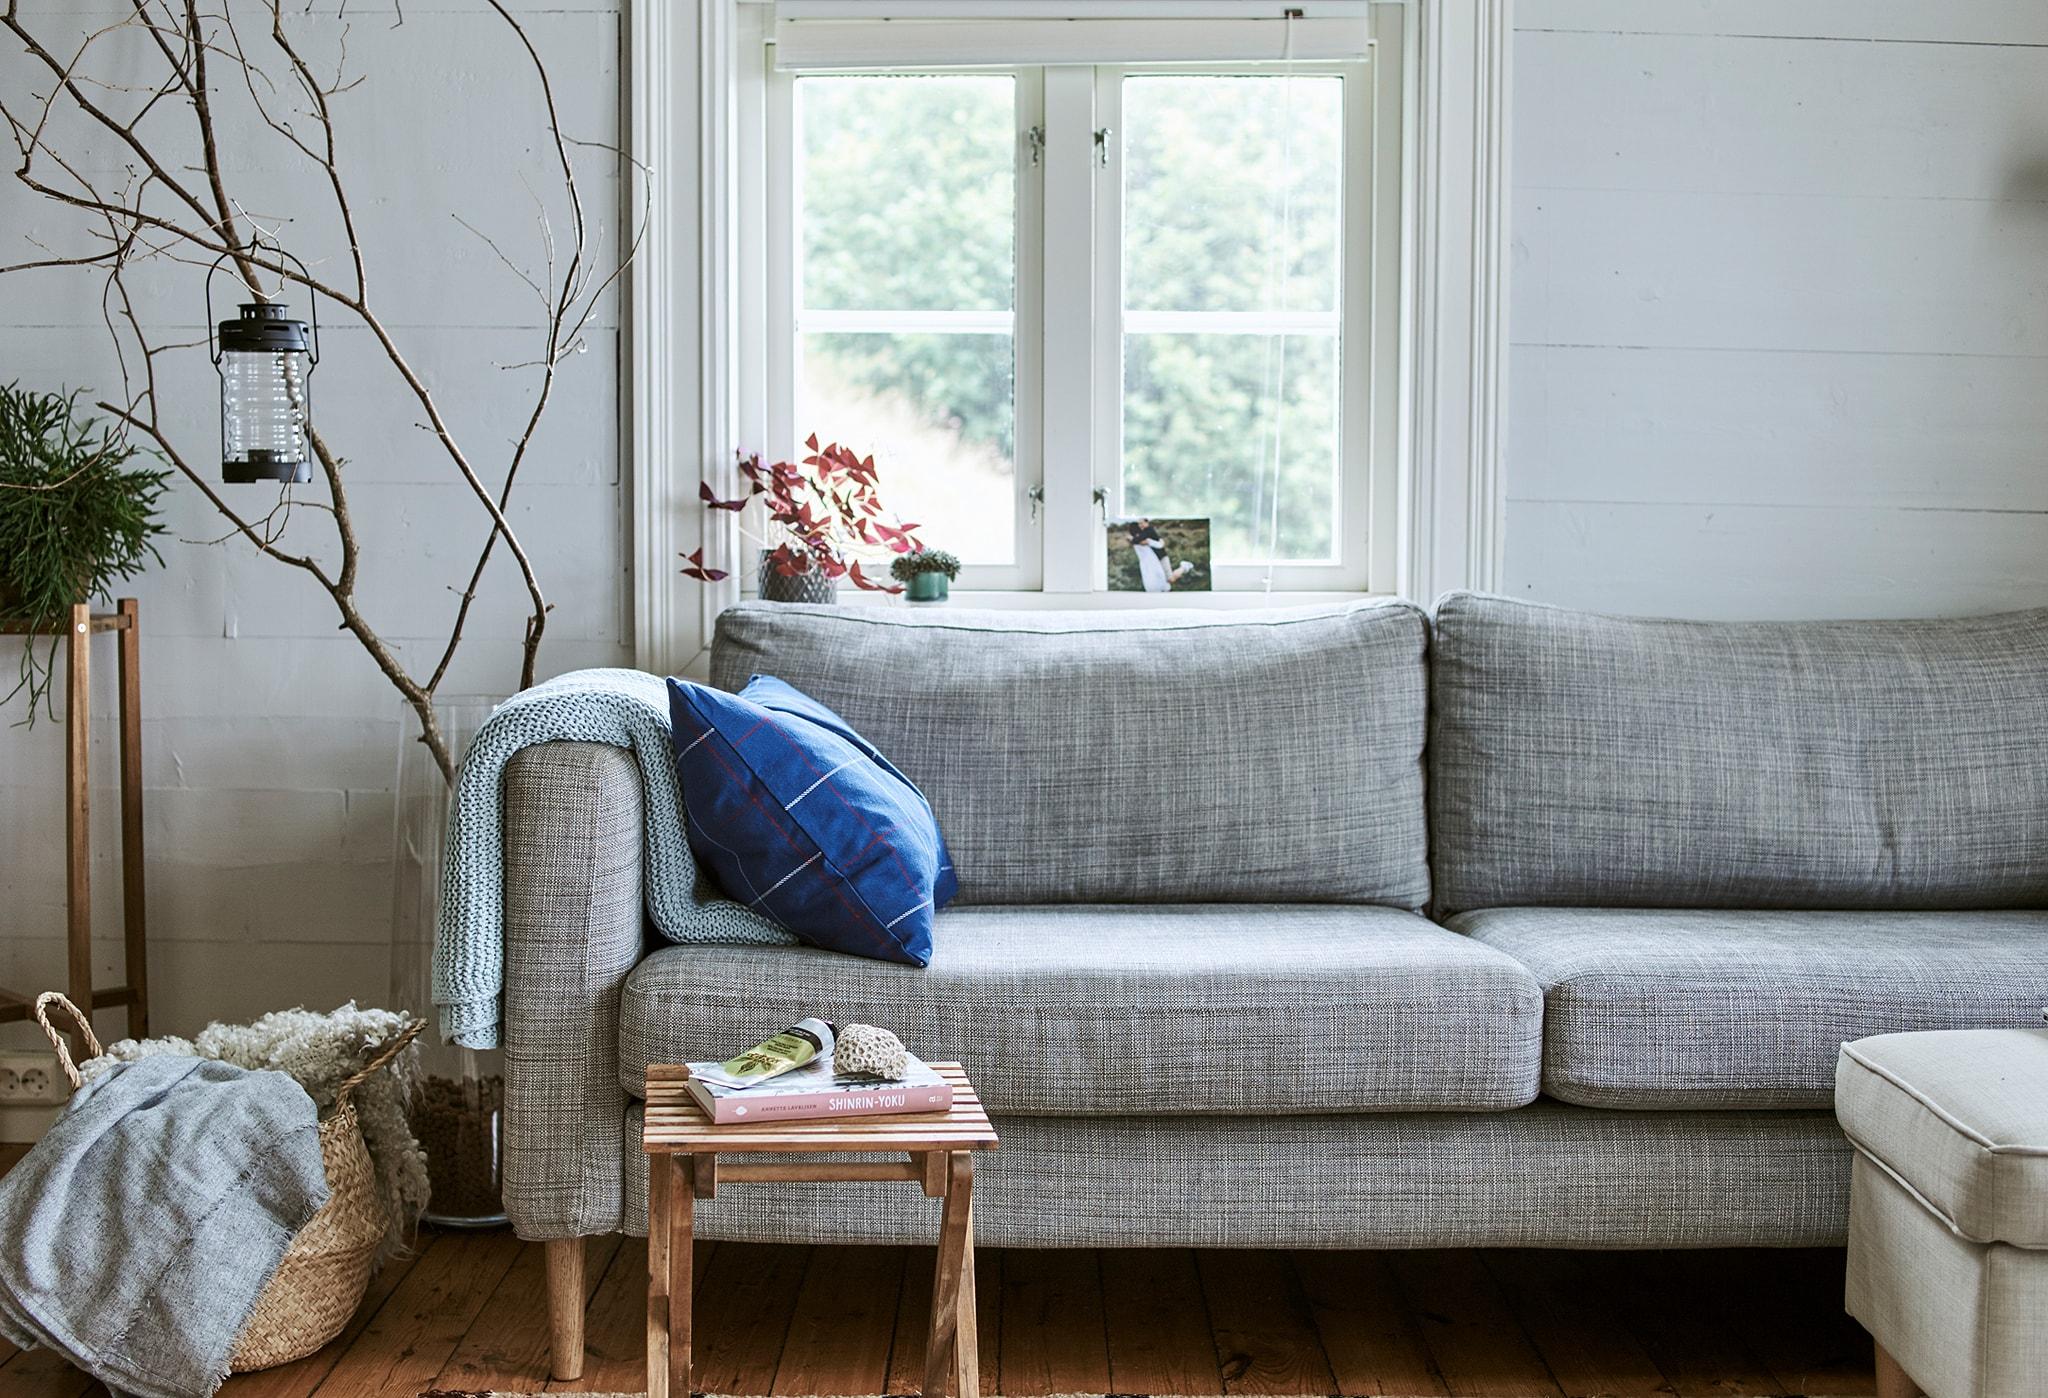 Sebuah sofa abu-abu di depan jendela, selimut wol yang disimpan di keranjang dan cabang-cabang pohon mencuat dari dalam vas kaca besar.